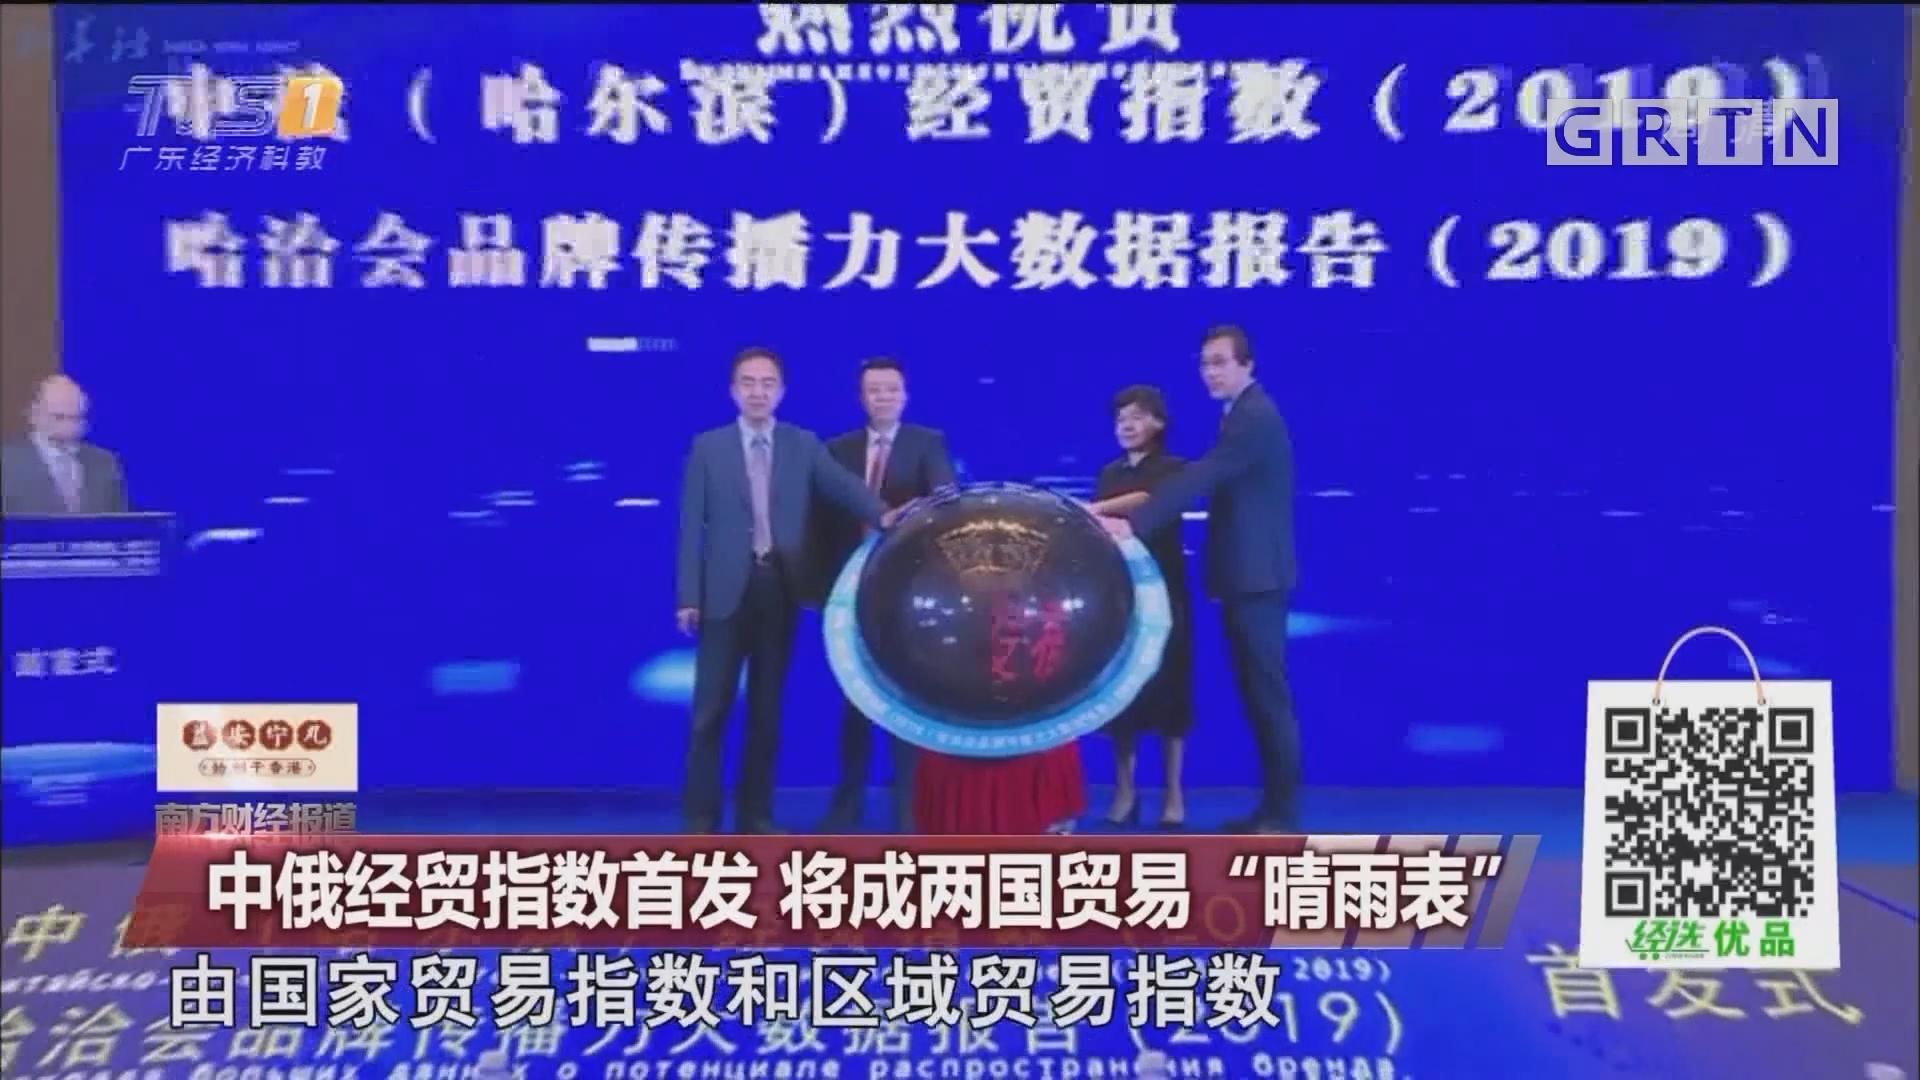 """中俄经贸指数首发 将成两国贸易""""晴雨表"""""""